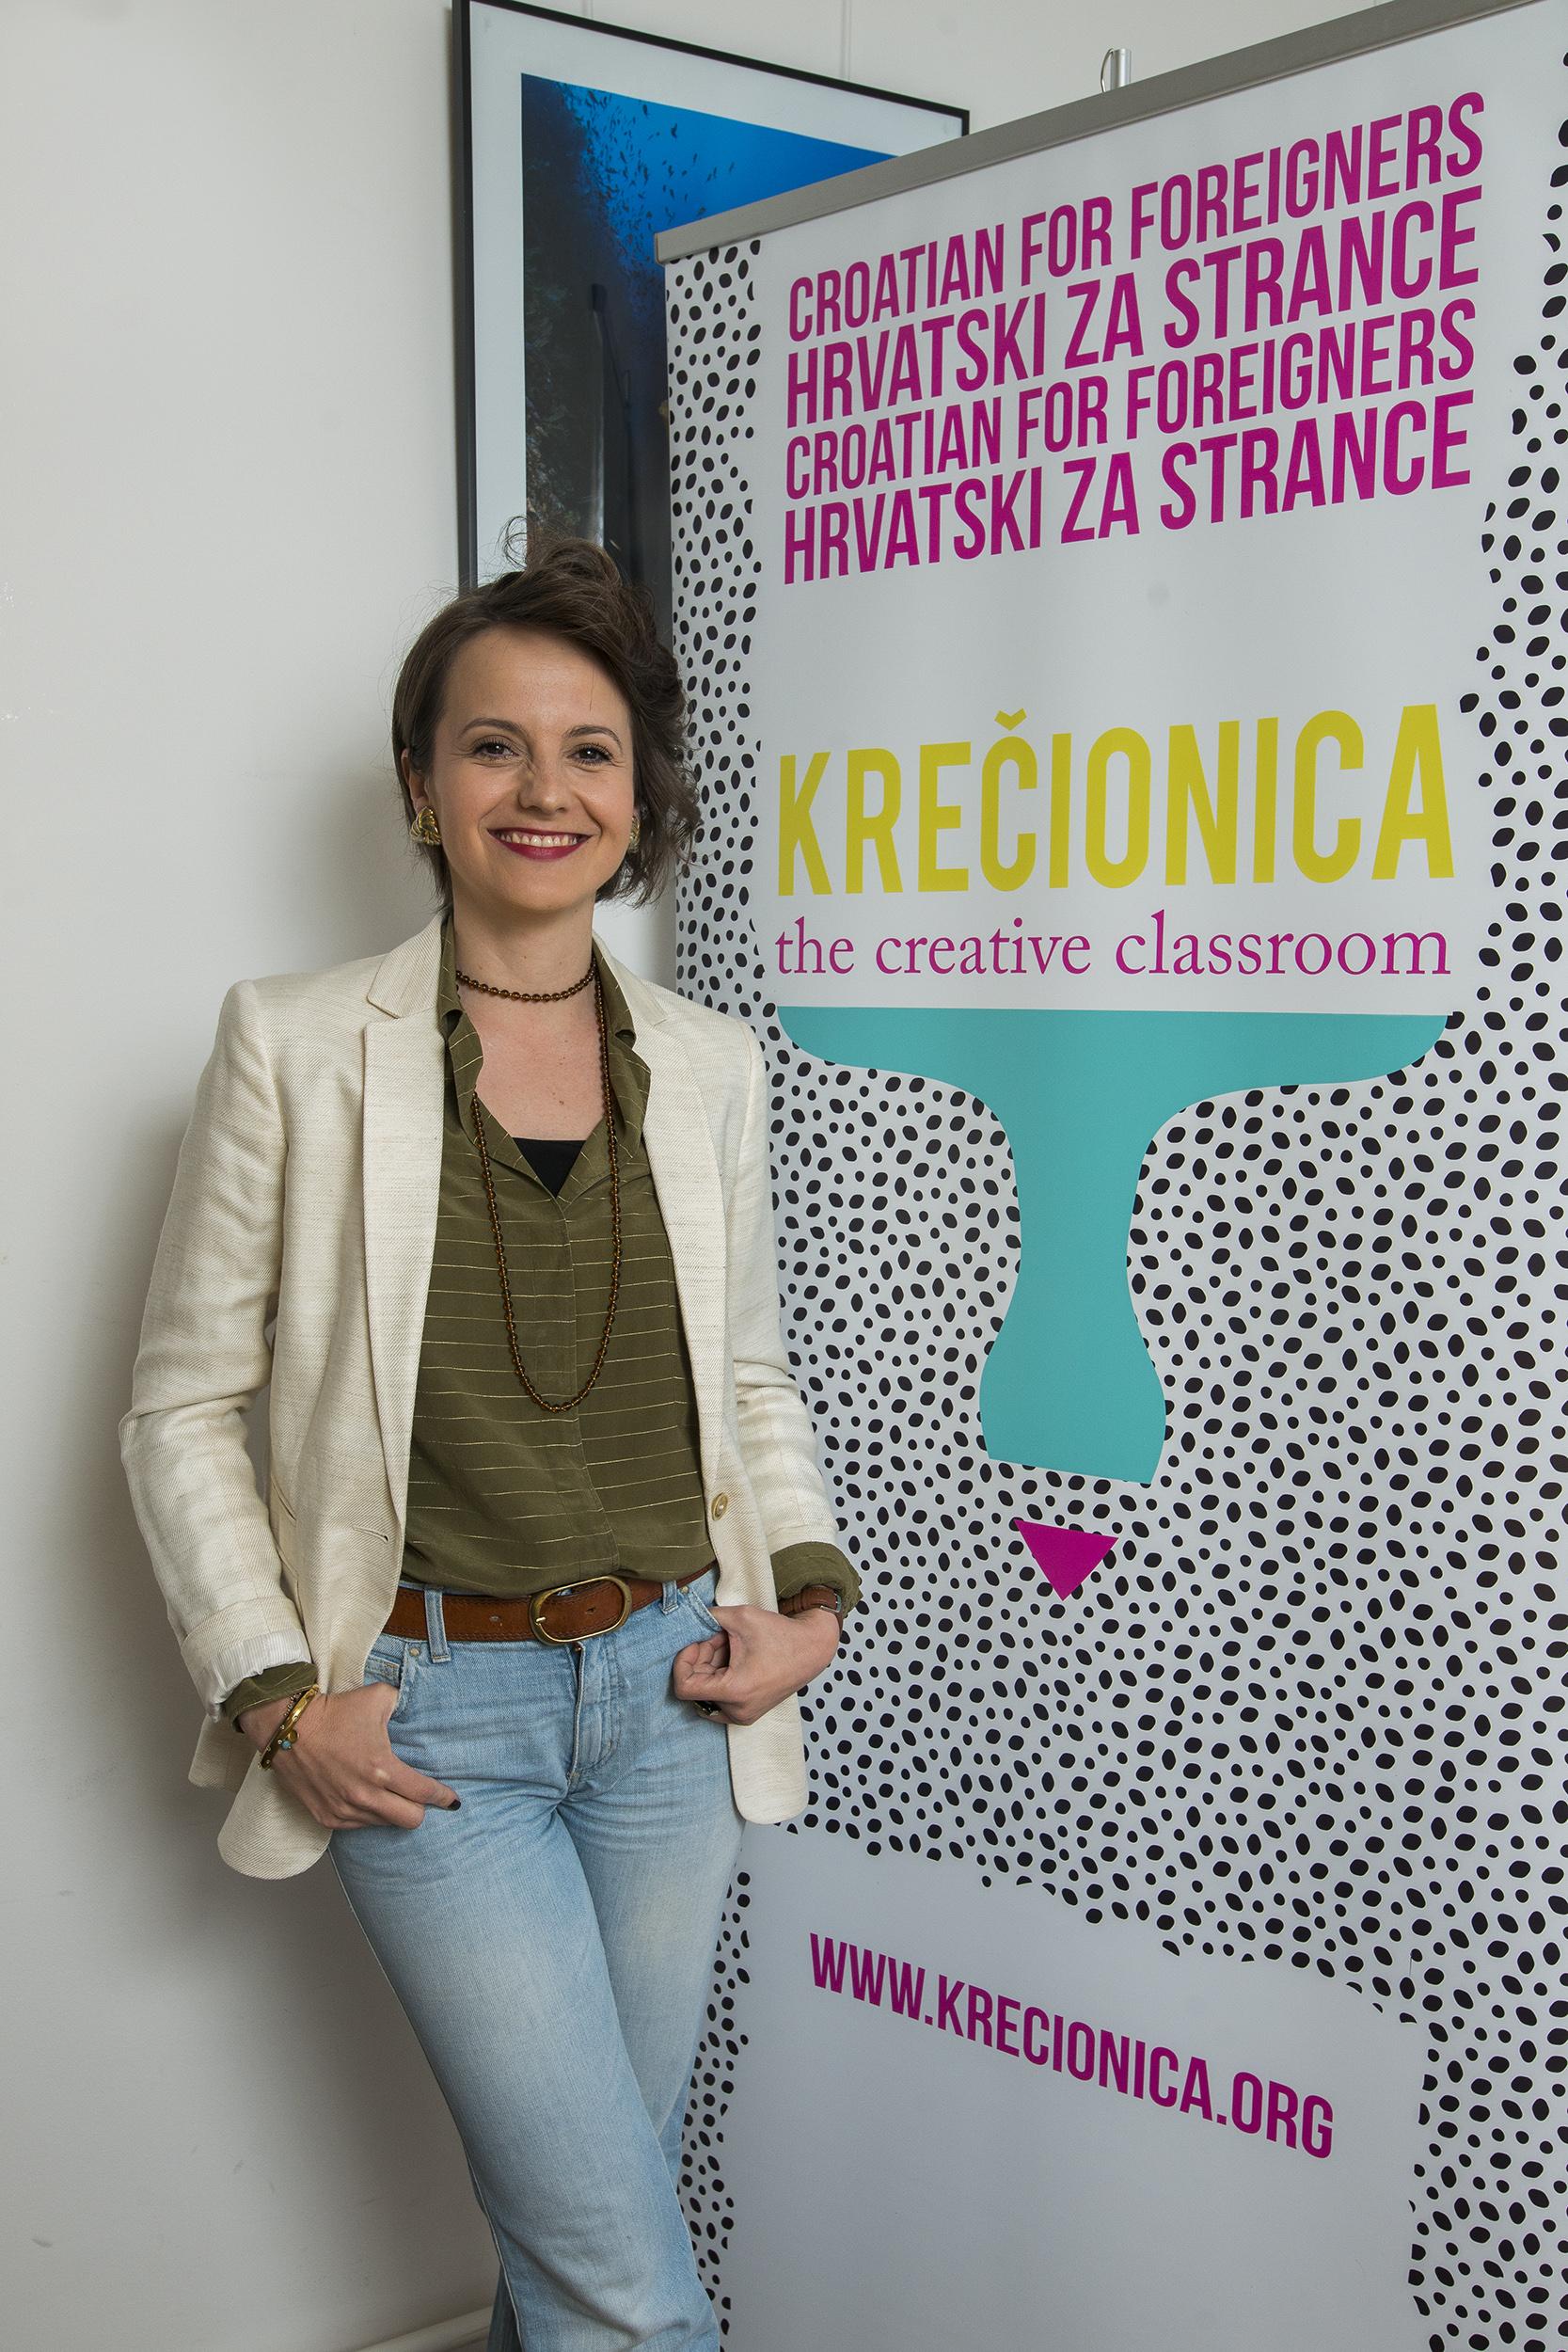 Krečionica - our teachers